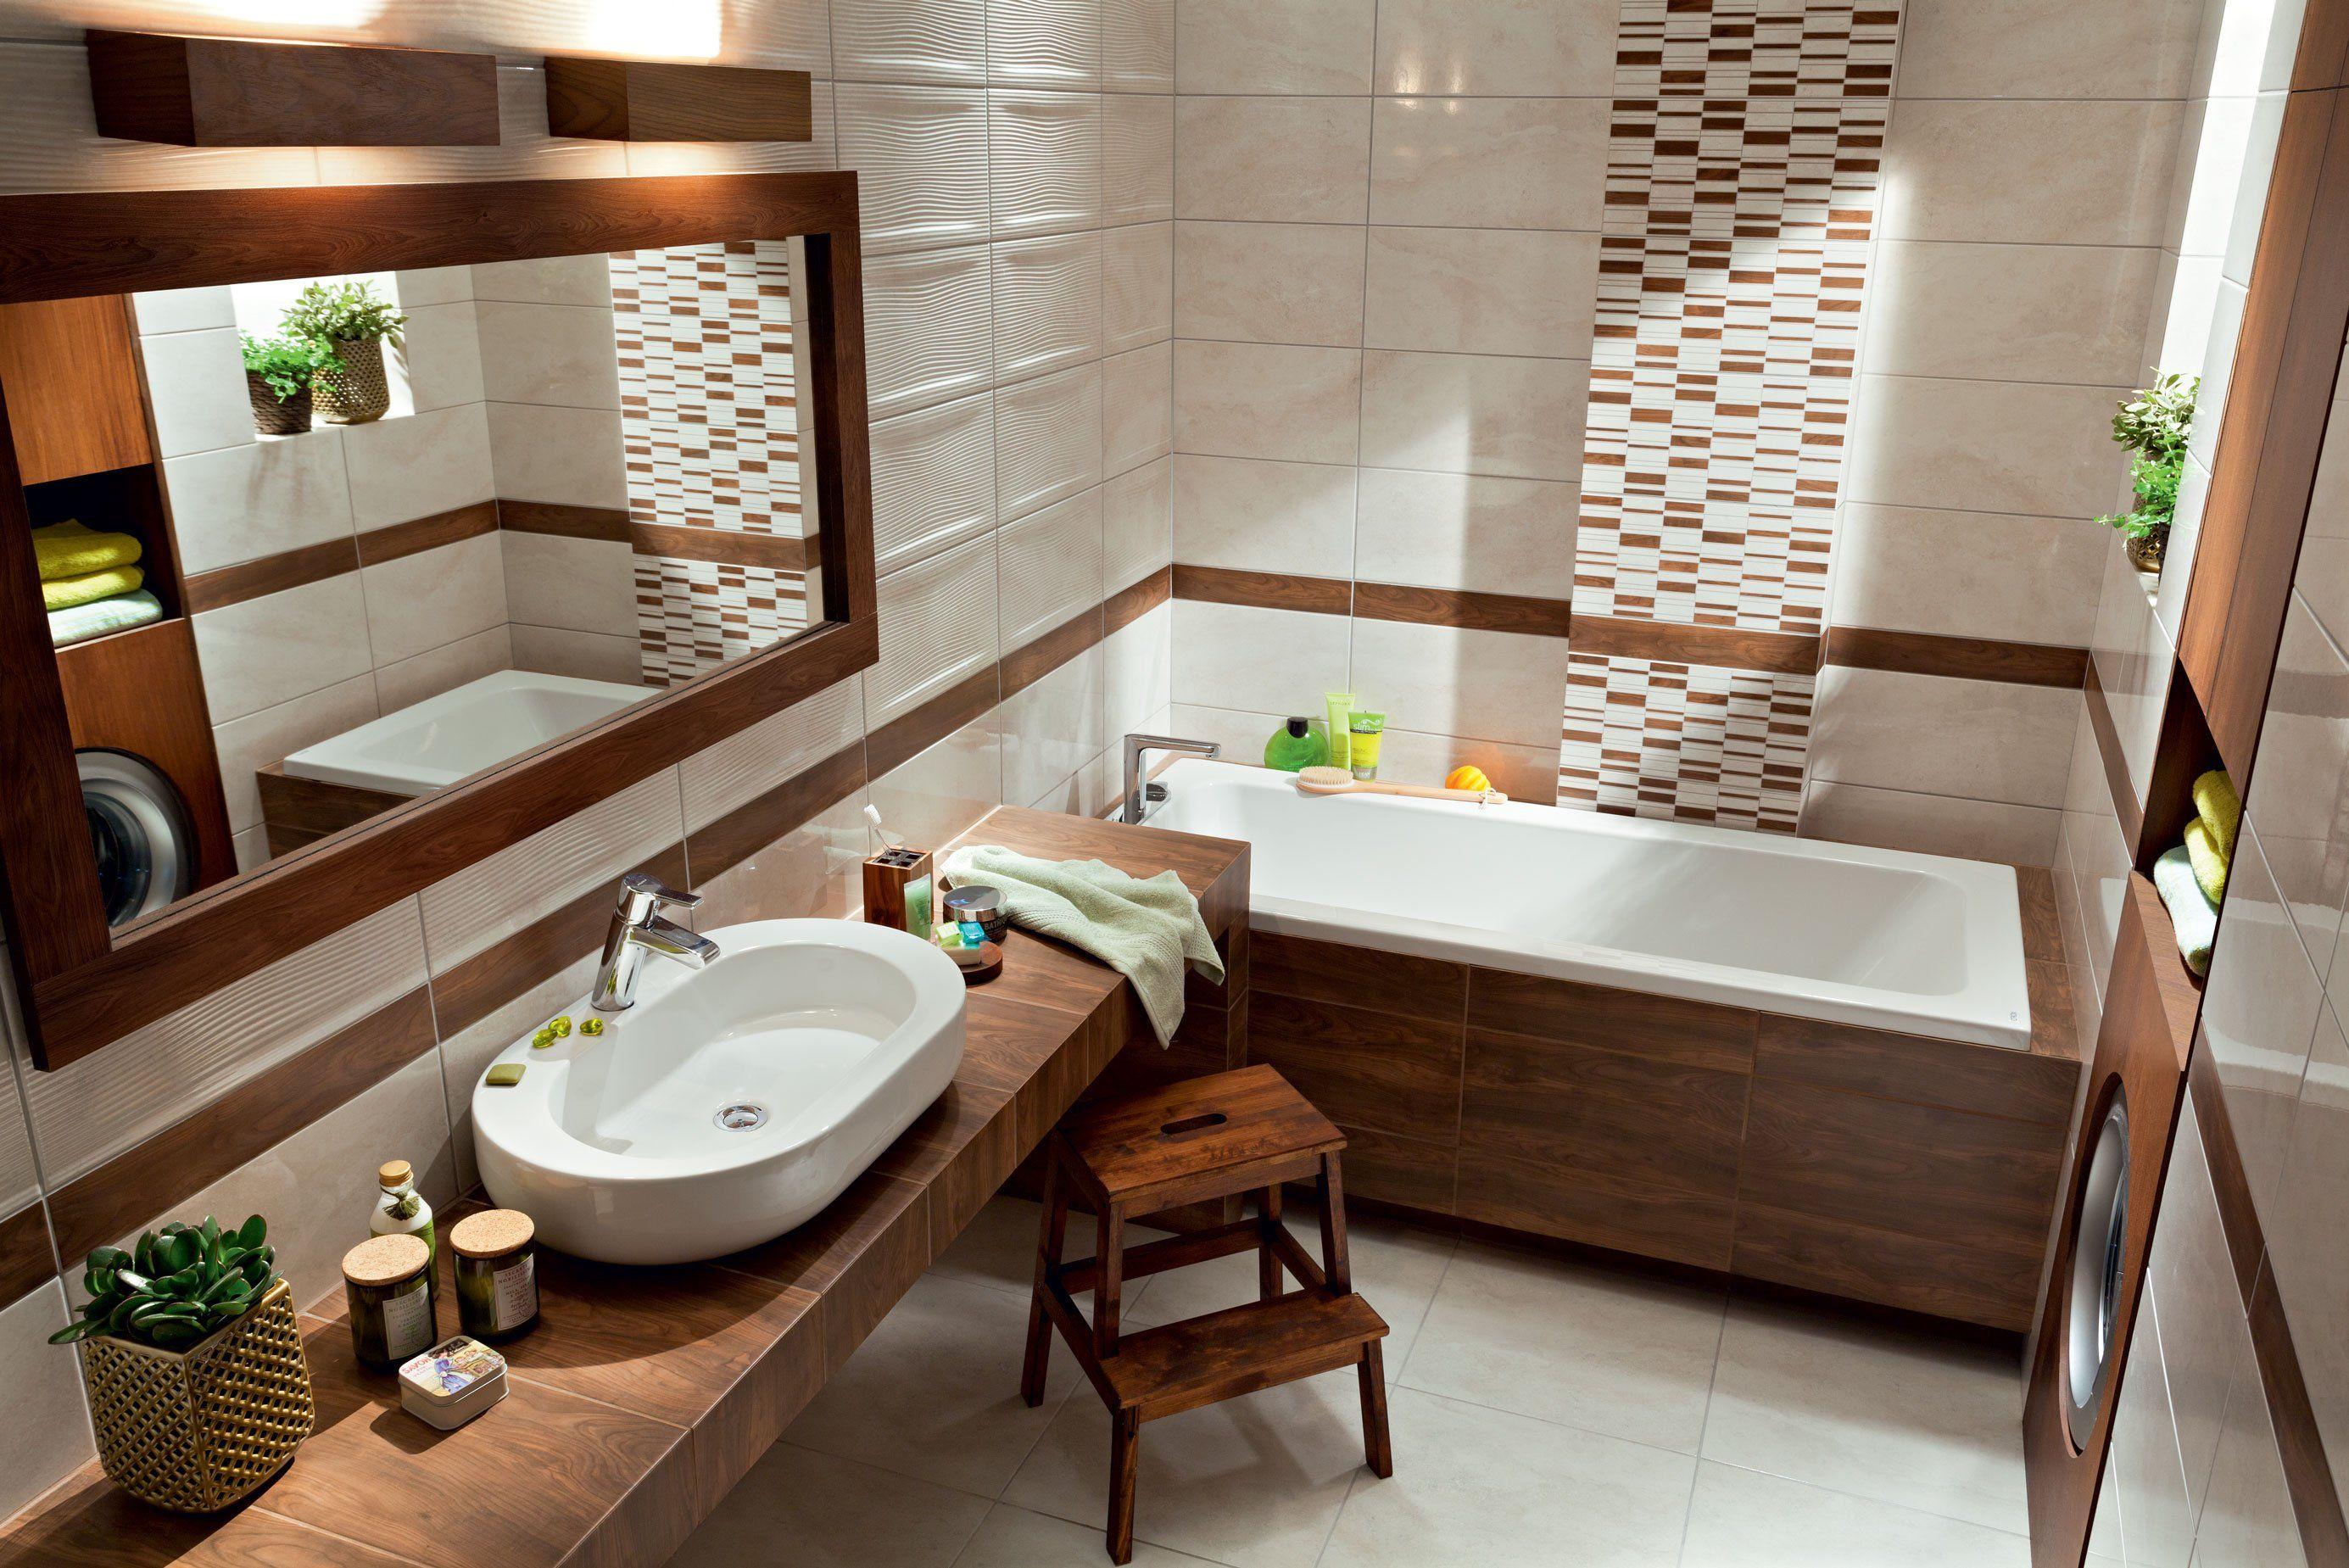 тубадзин плитка картинки отеле